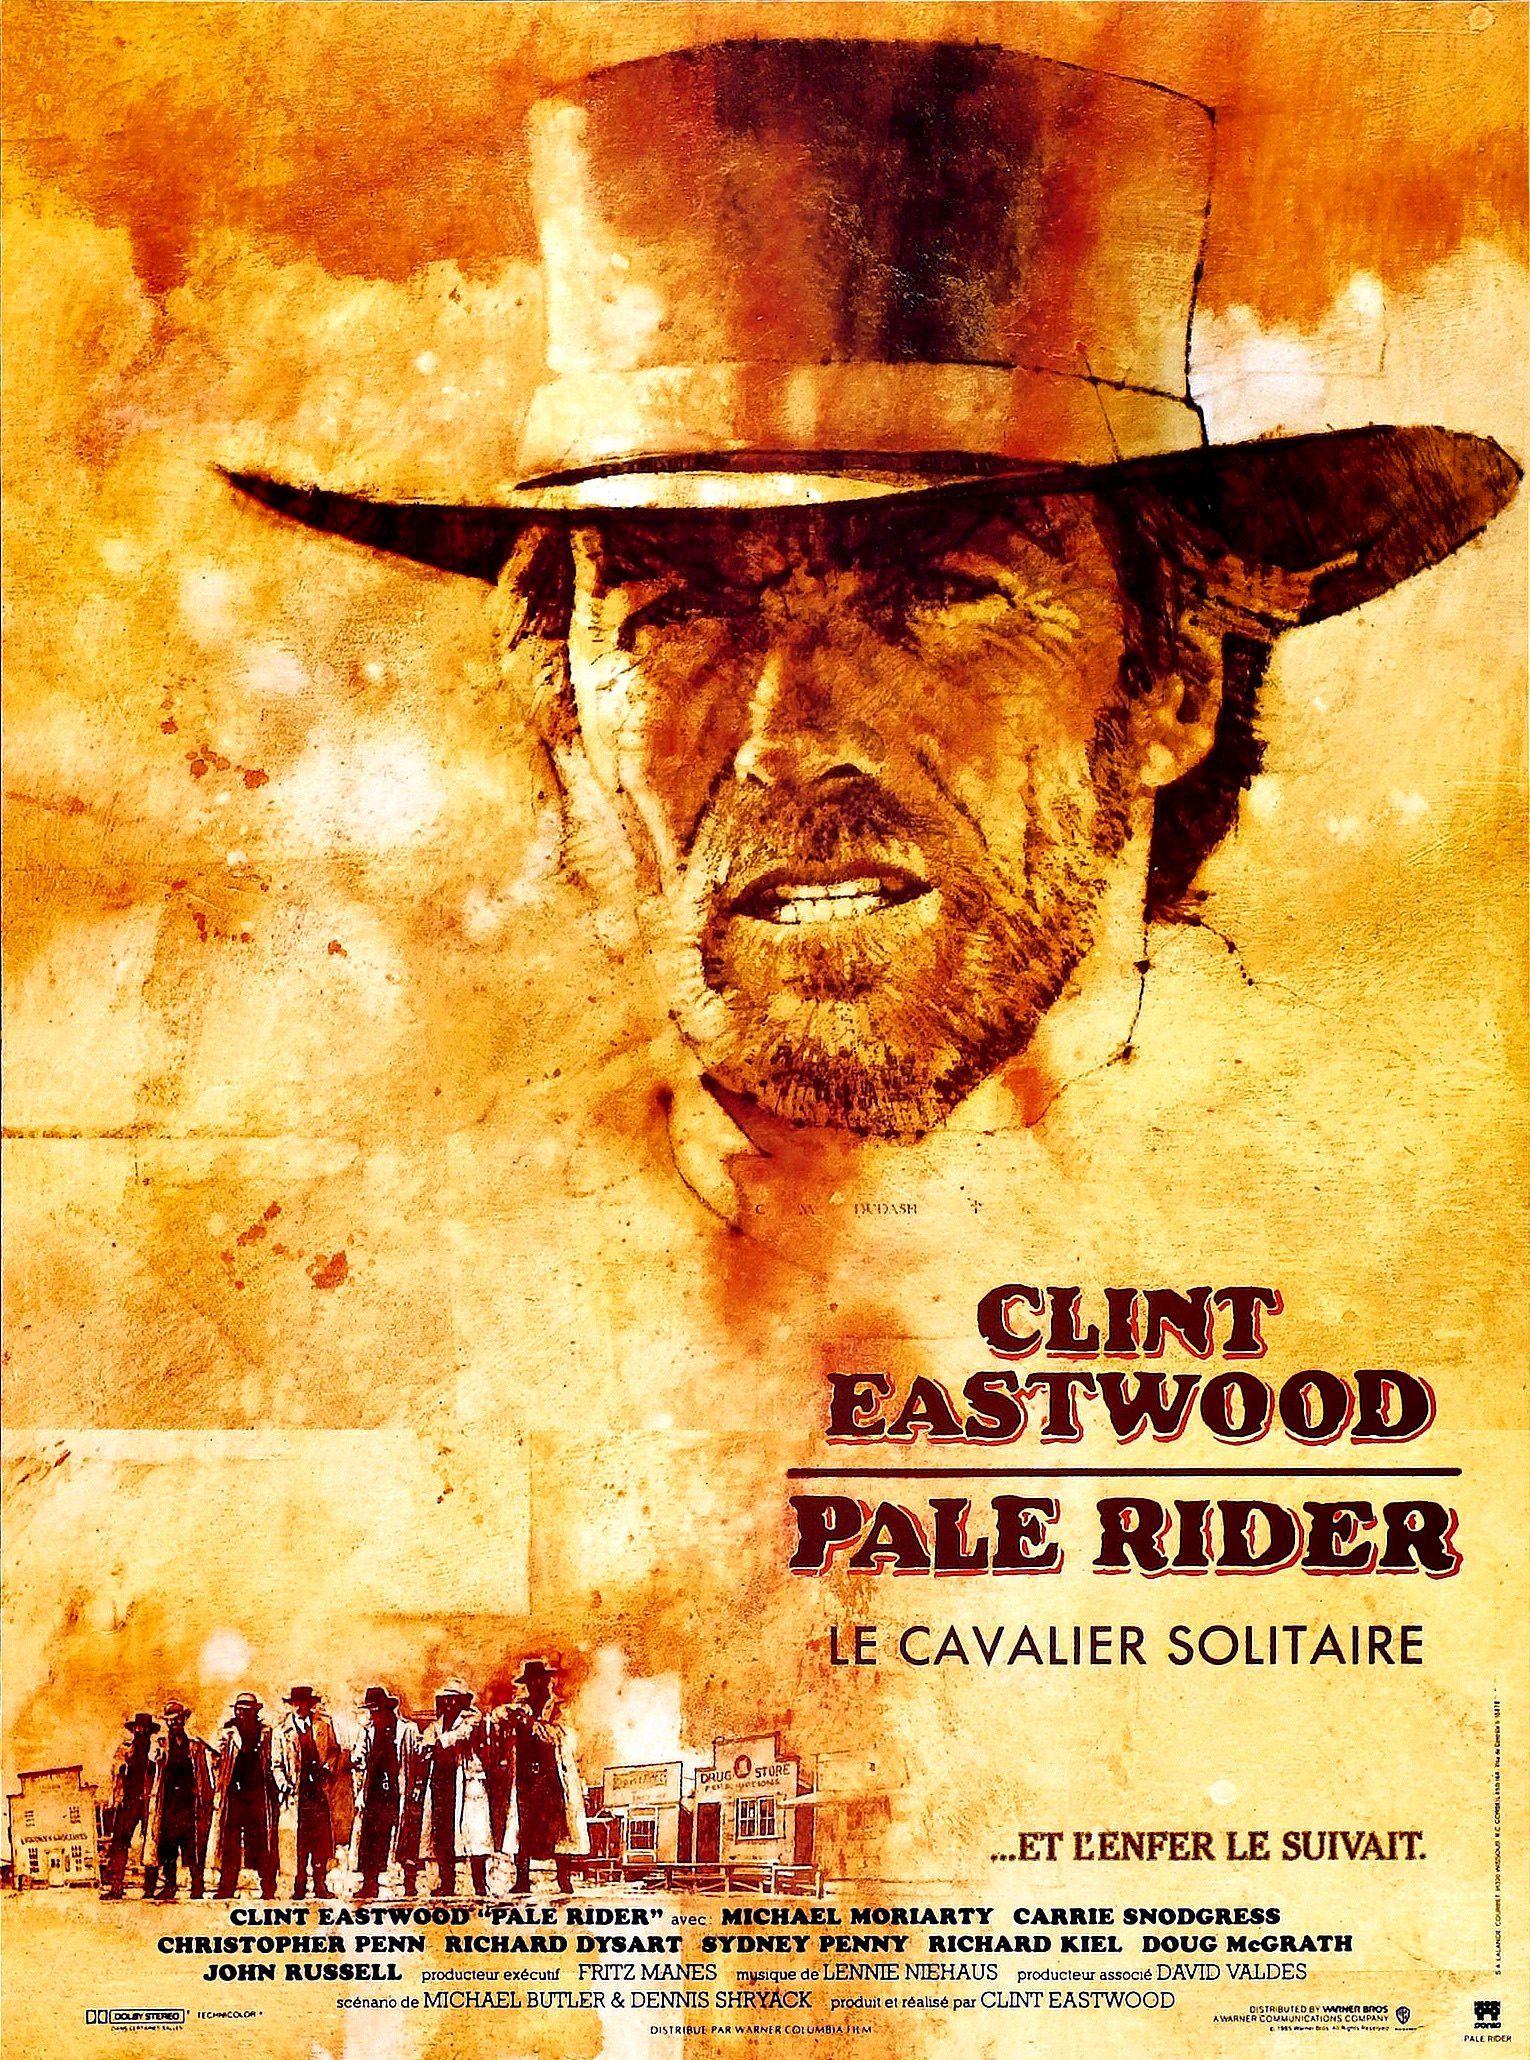 Clint Eastwood Robert Duvall JOE KIDD movie poster POLITICAL ADVENTURE 24X36